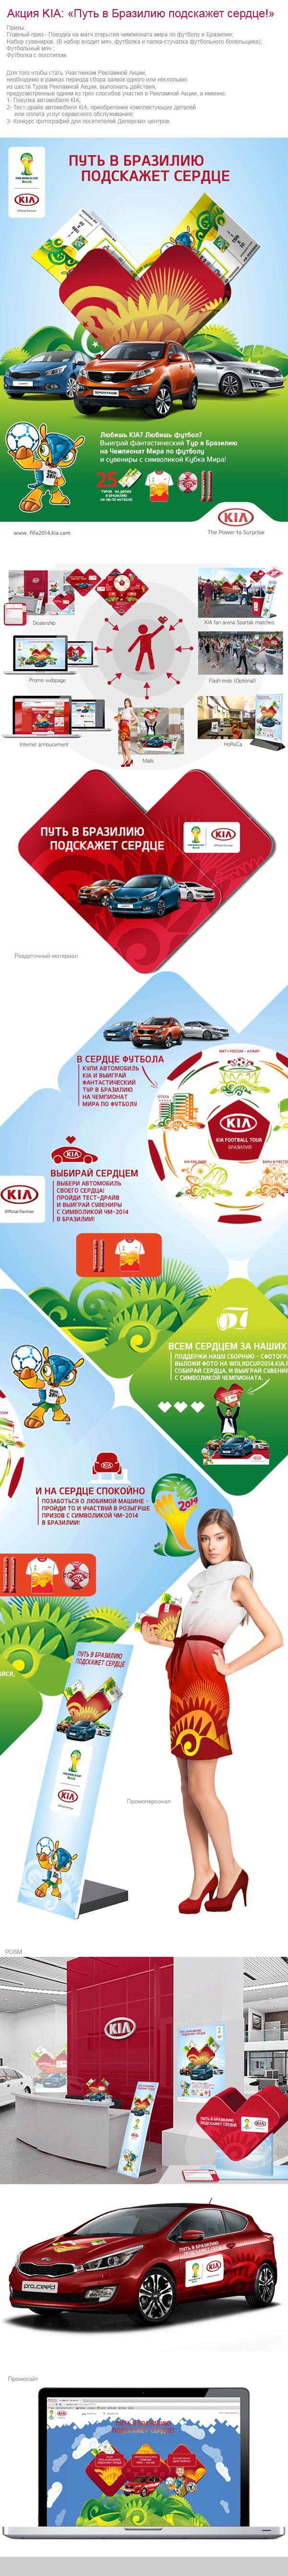 KIA/FIFA 2014 on Behance